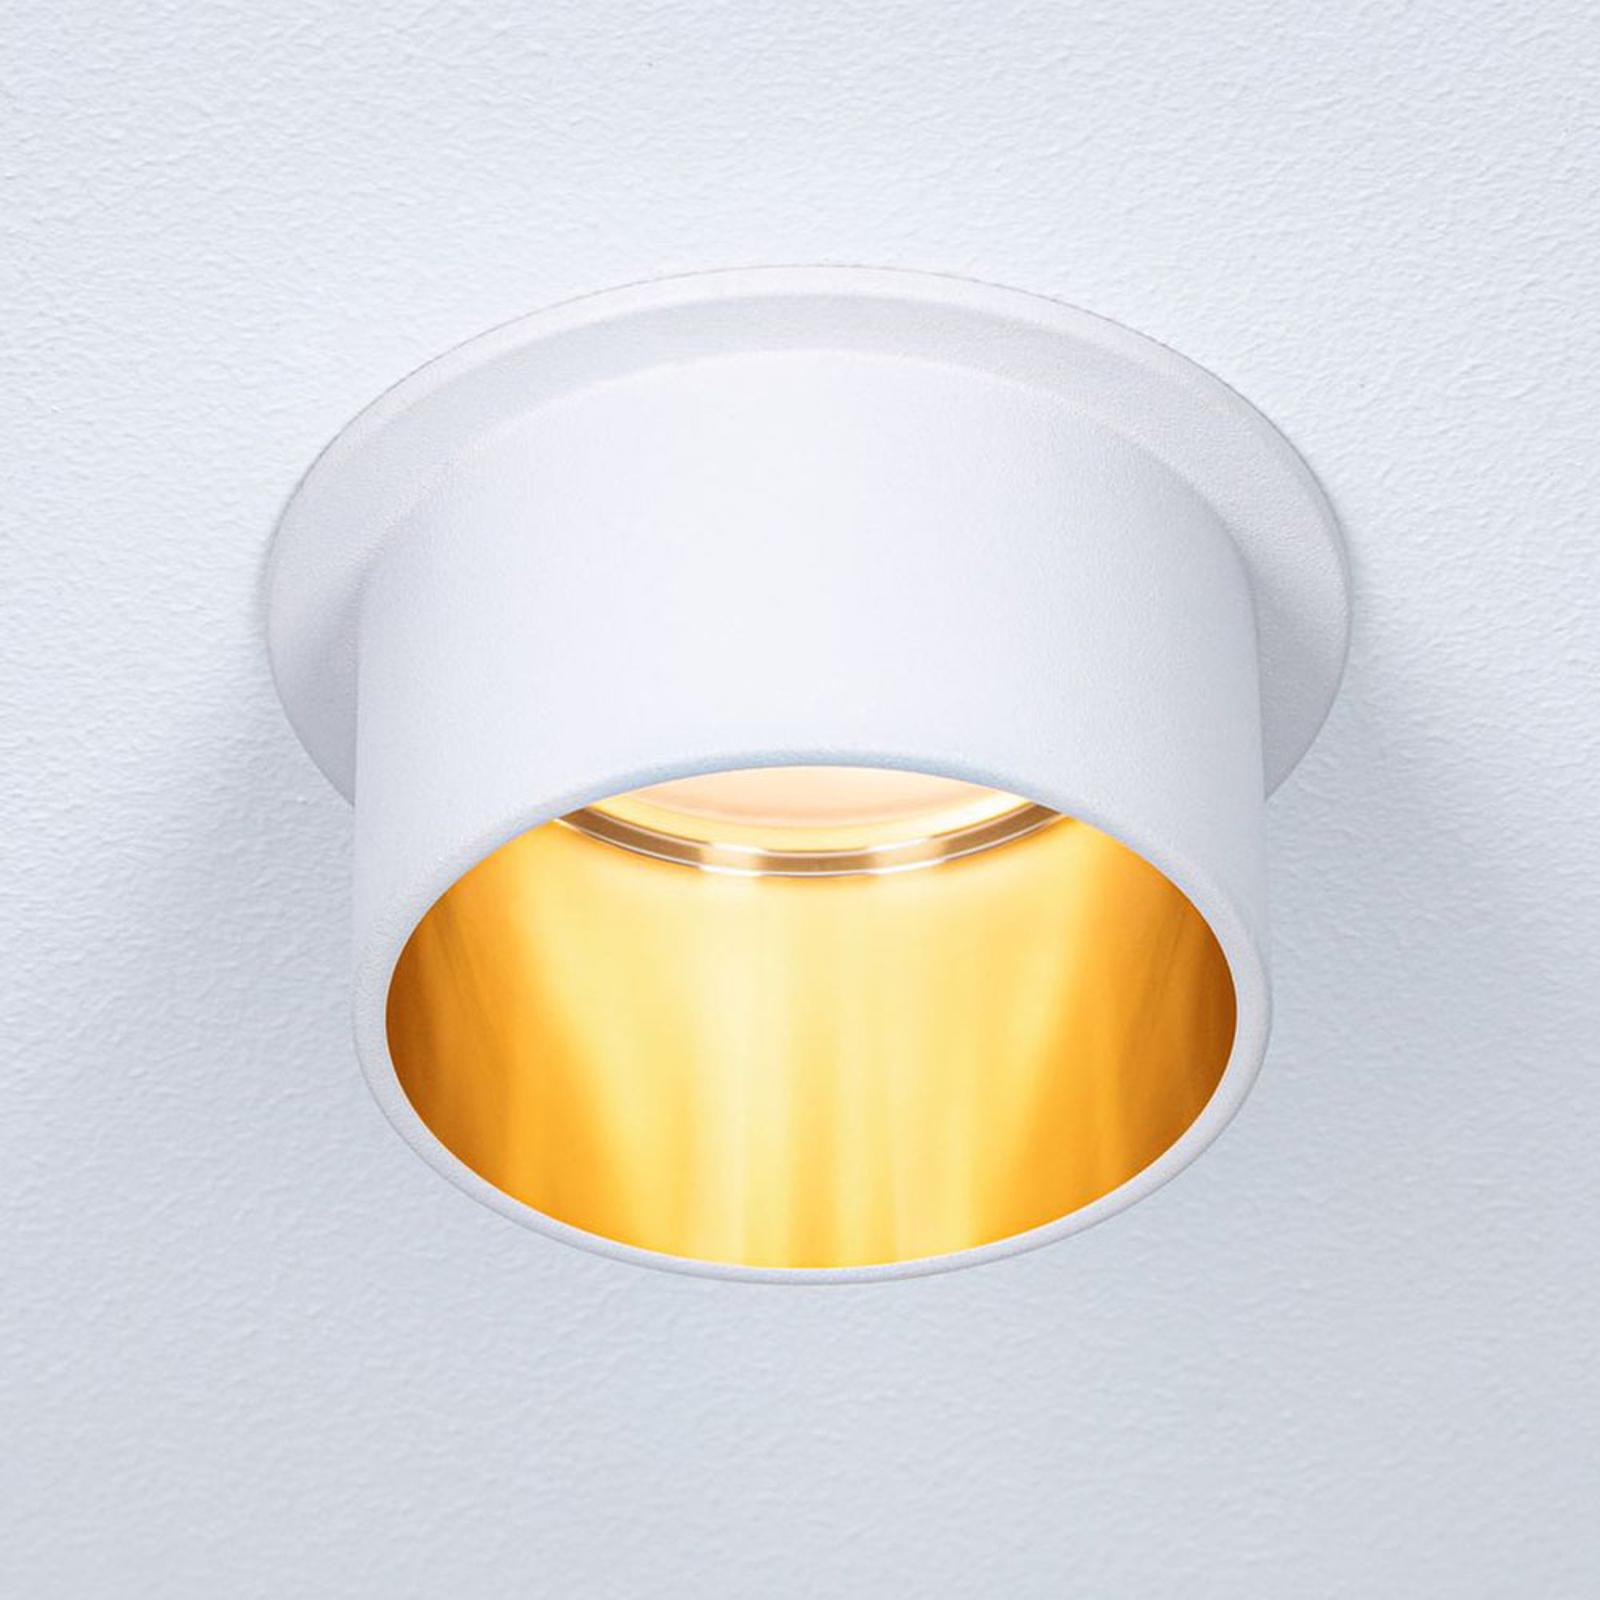 Paulmann Gil LED-innfelt hvit matt/gull